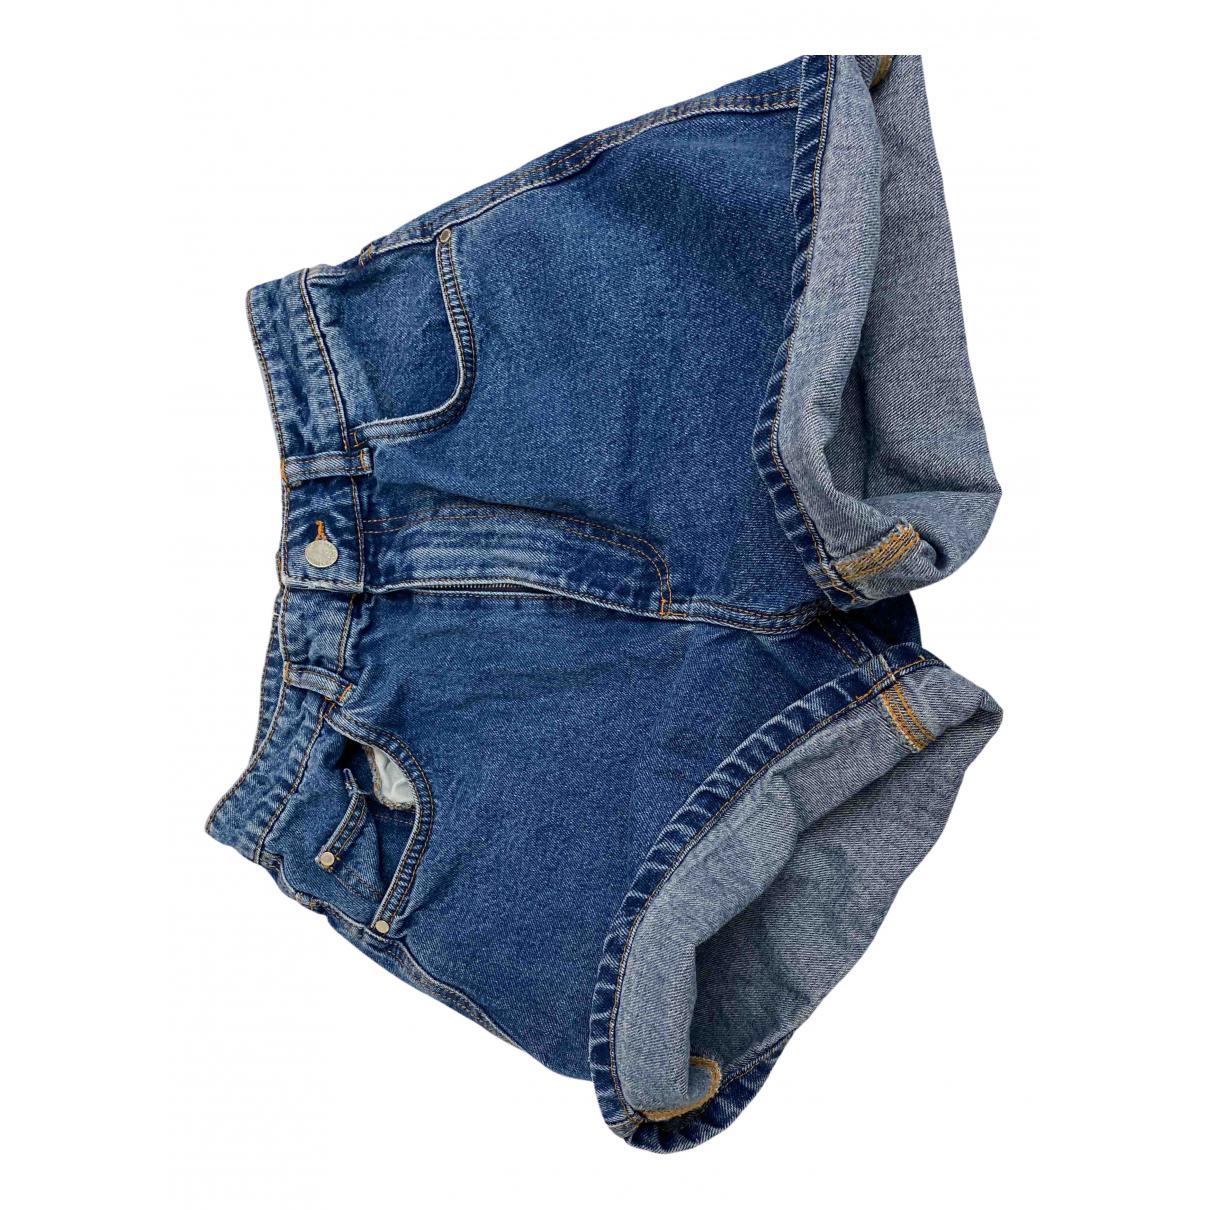 Zara \N Blue Denim - Jeans Shorts for Women 36 IT